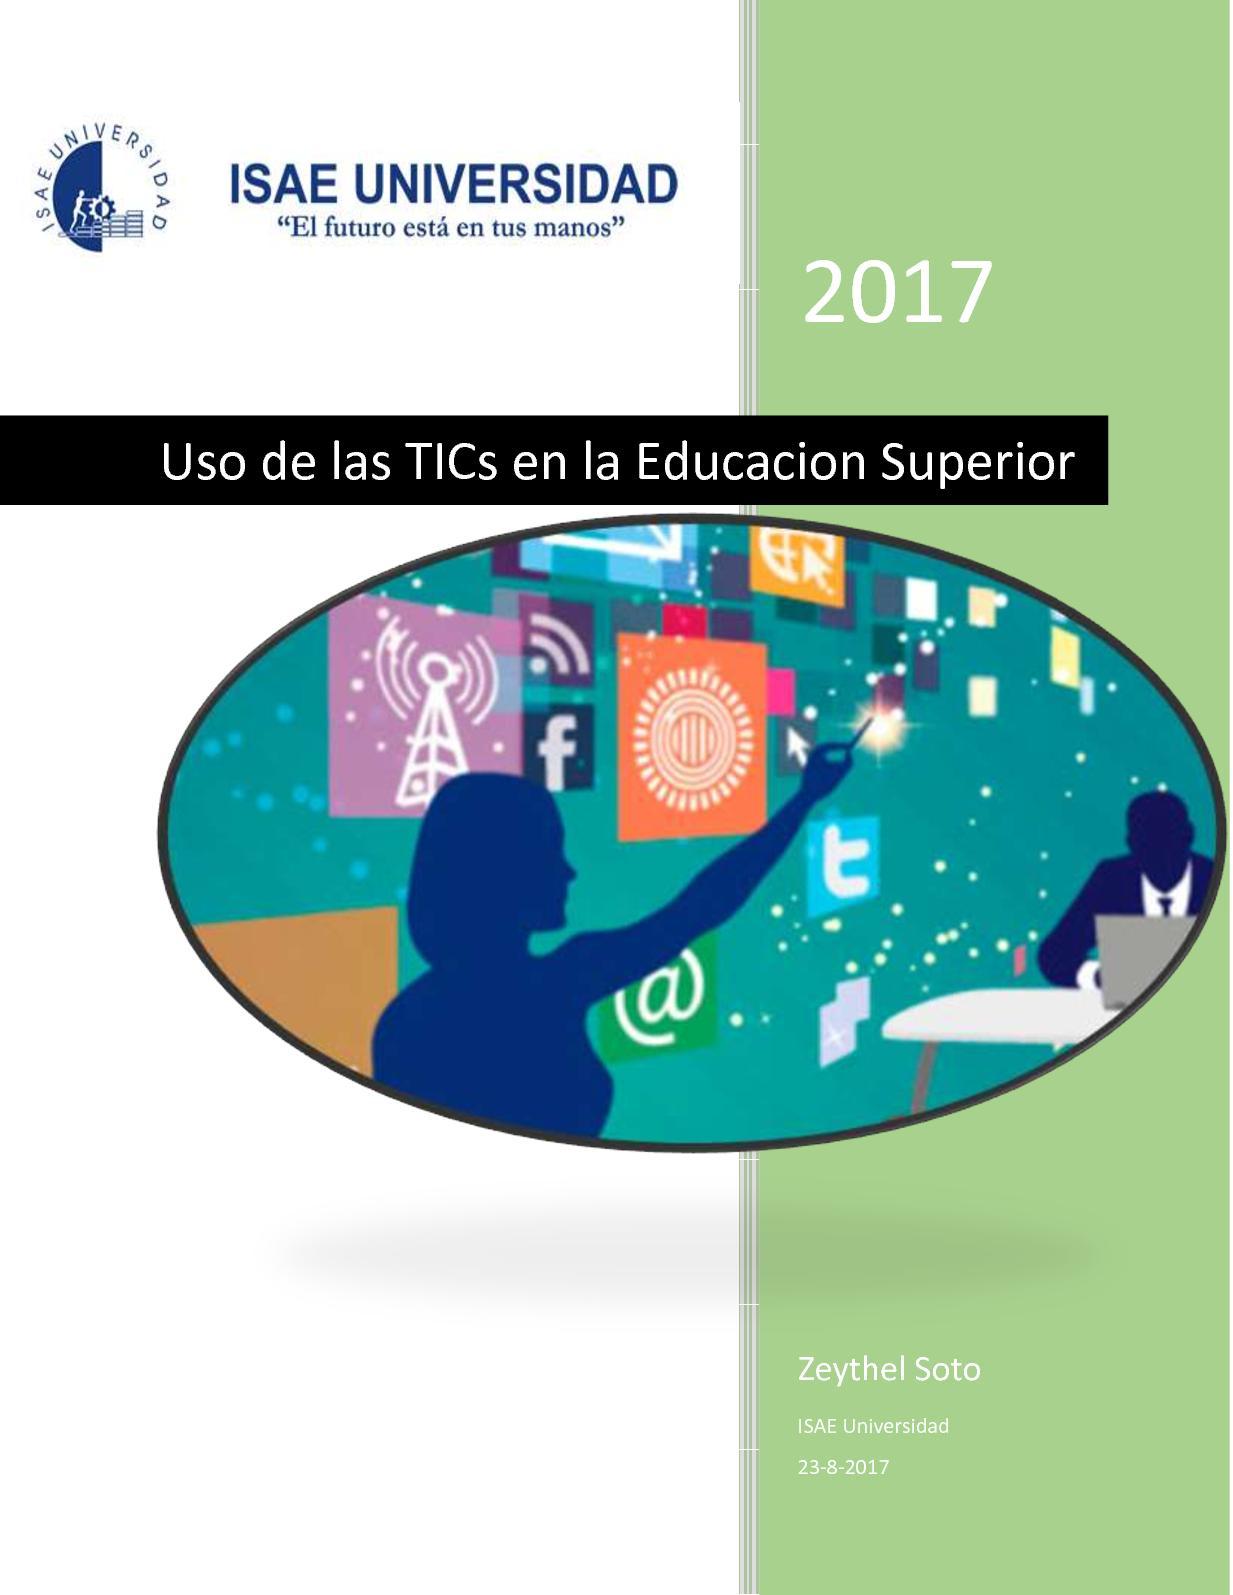 Uso de las TICs en la Educación Superior